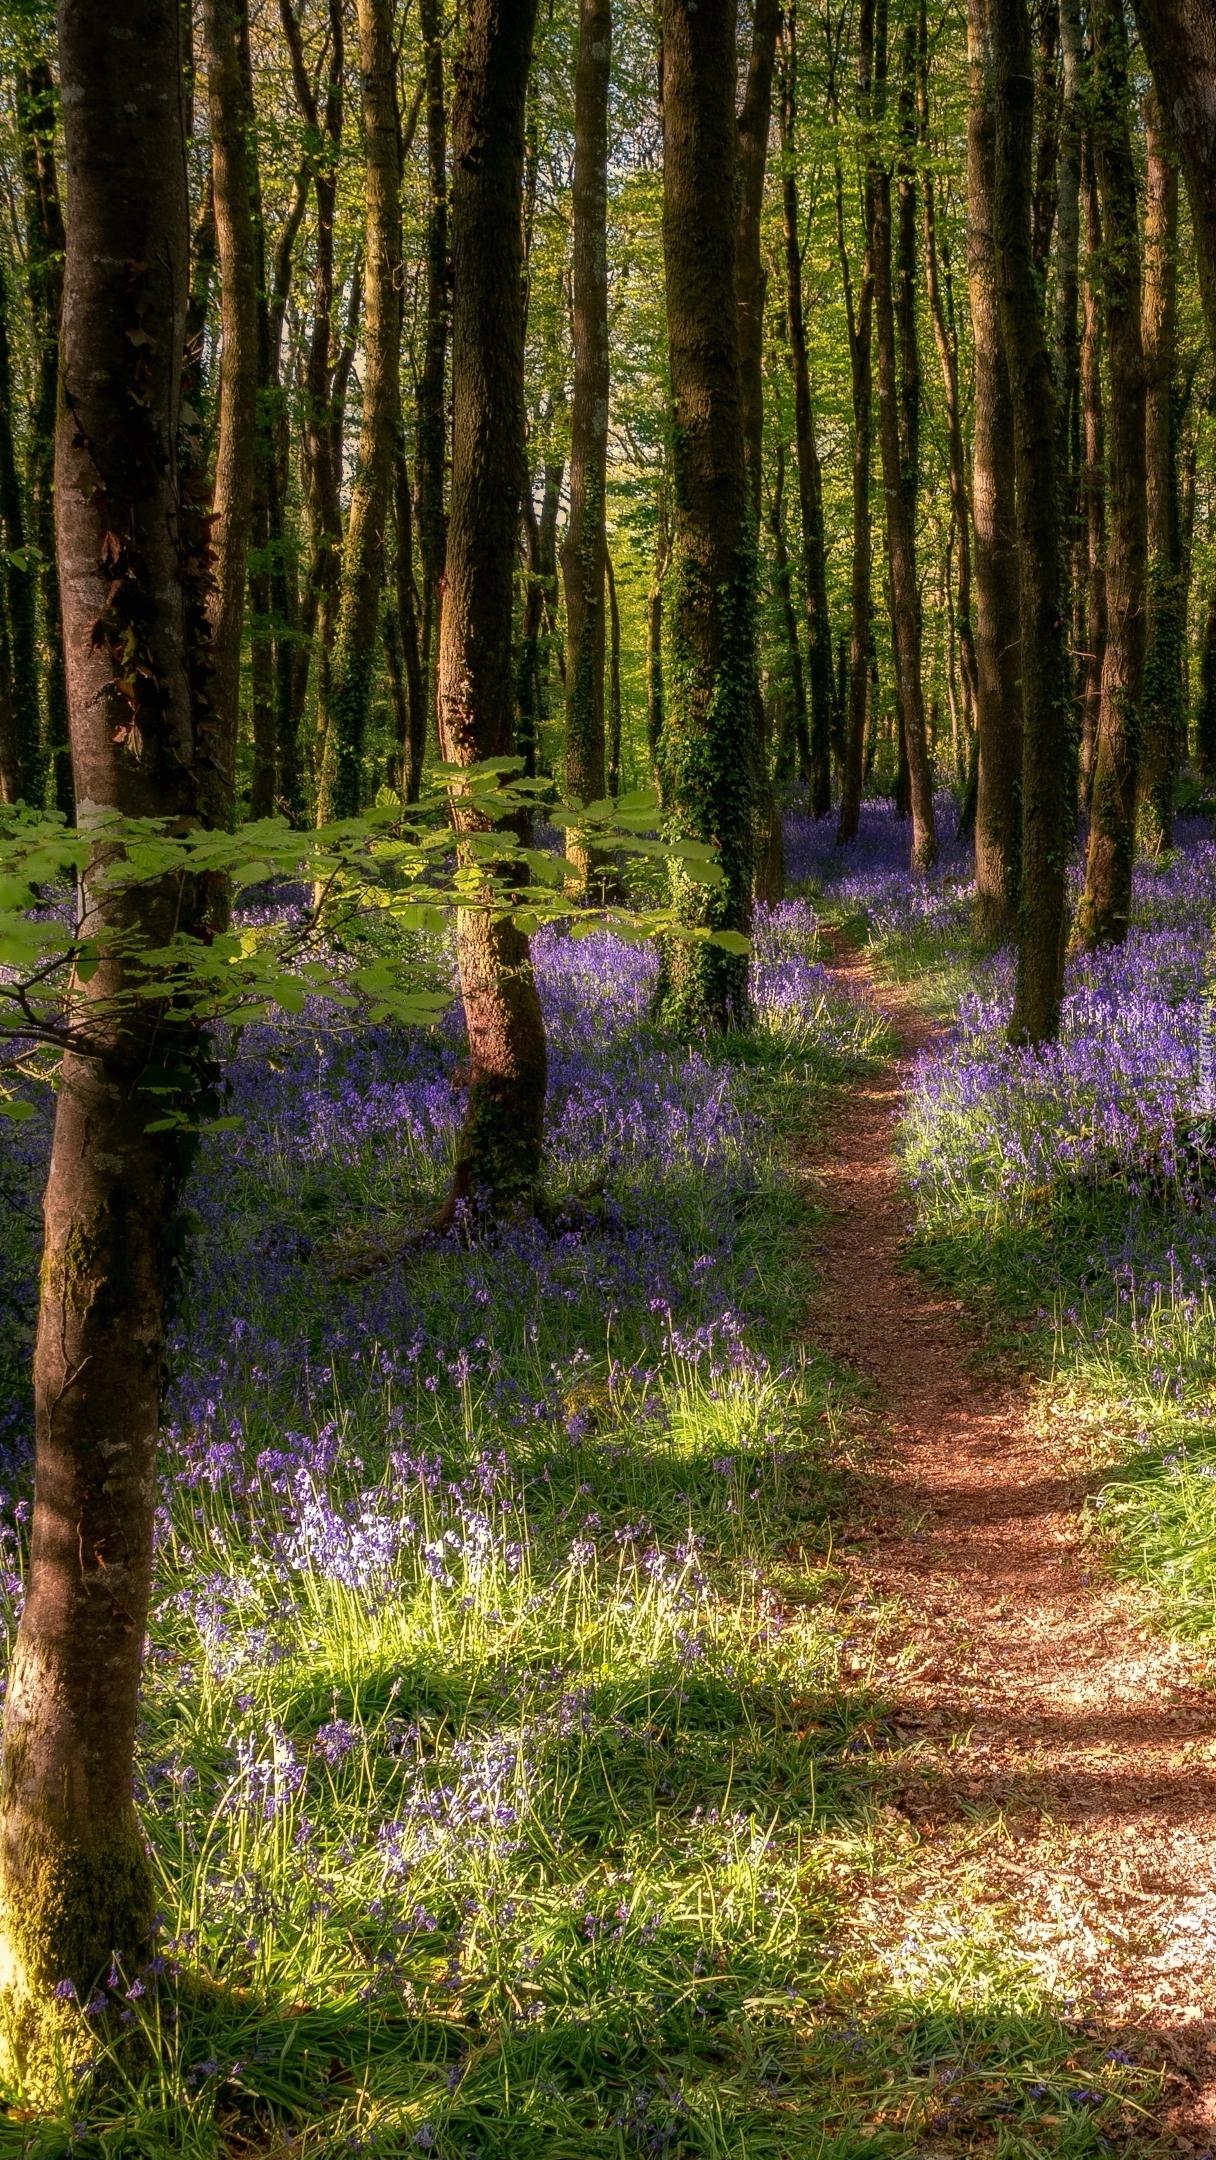 Ścieżka pośród wiosennego lasu